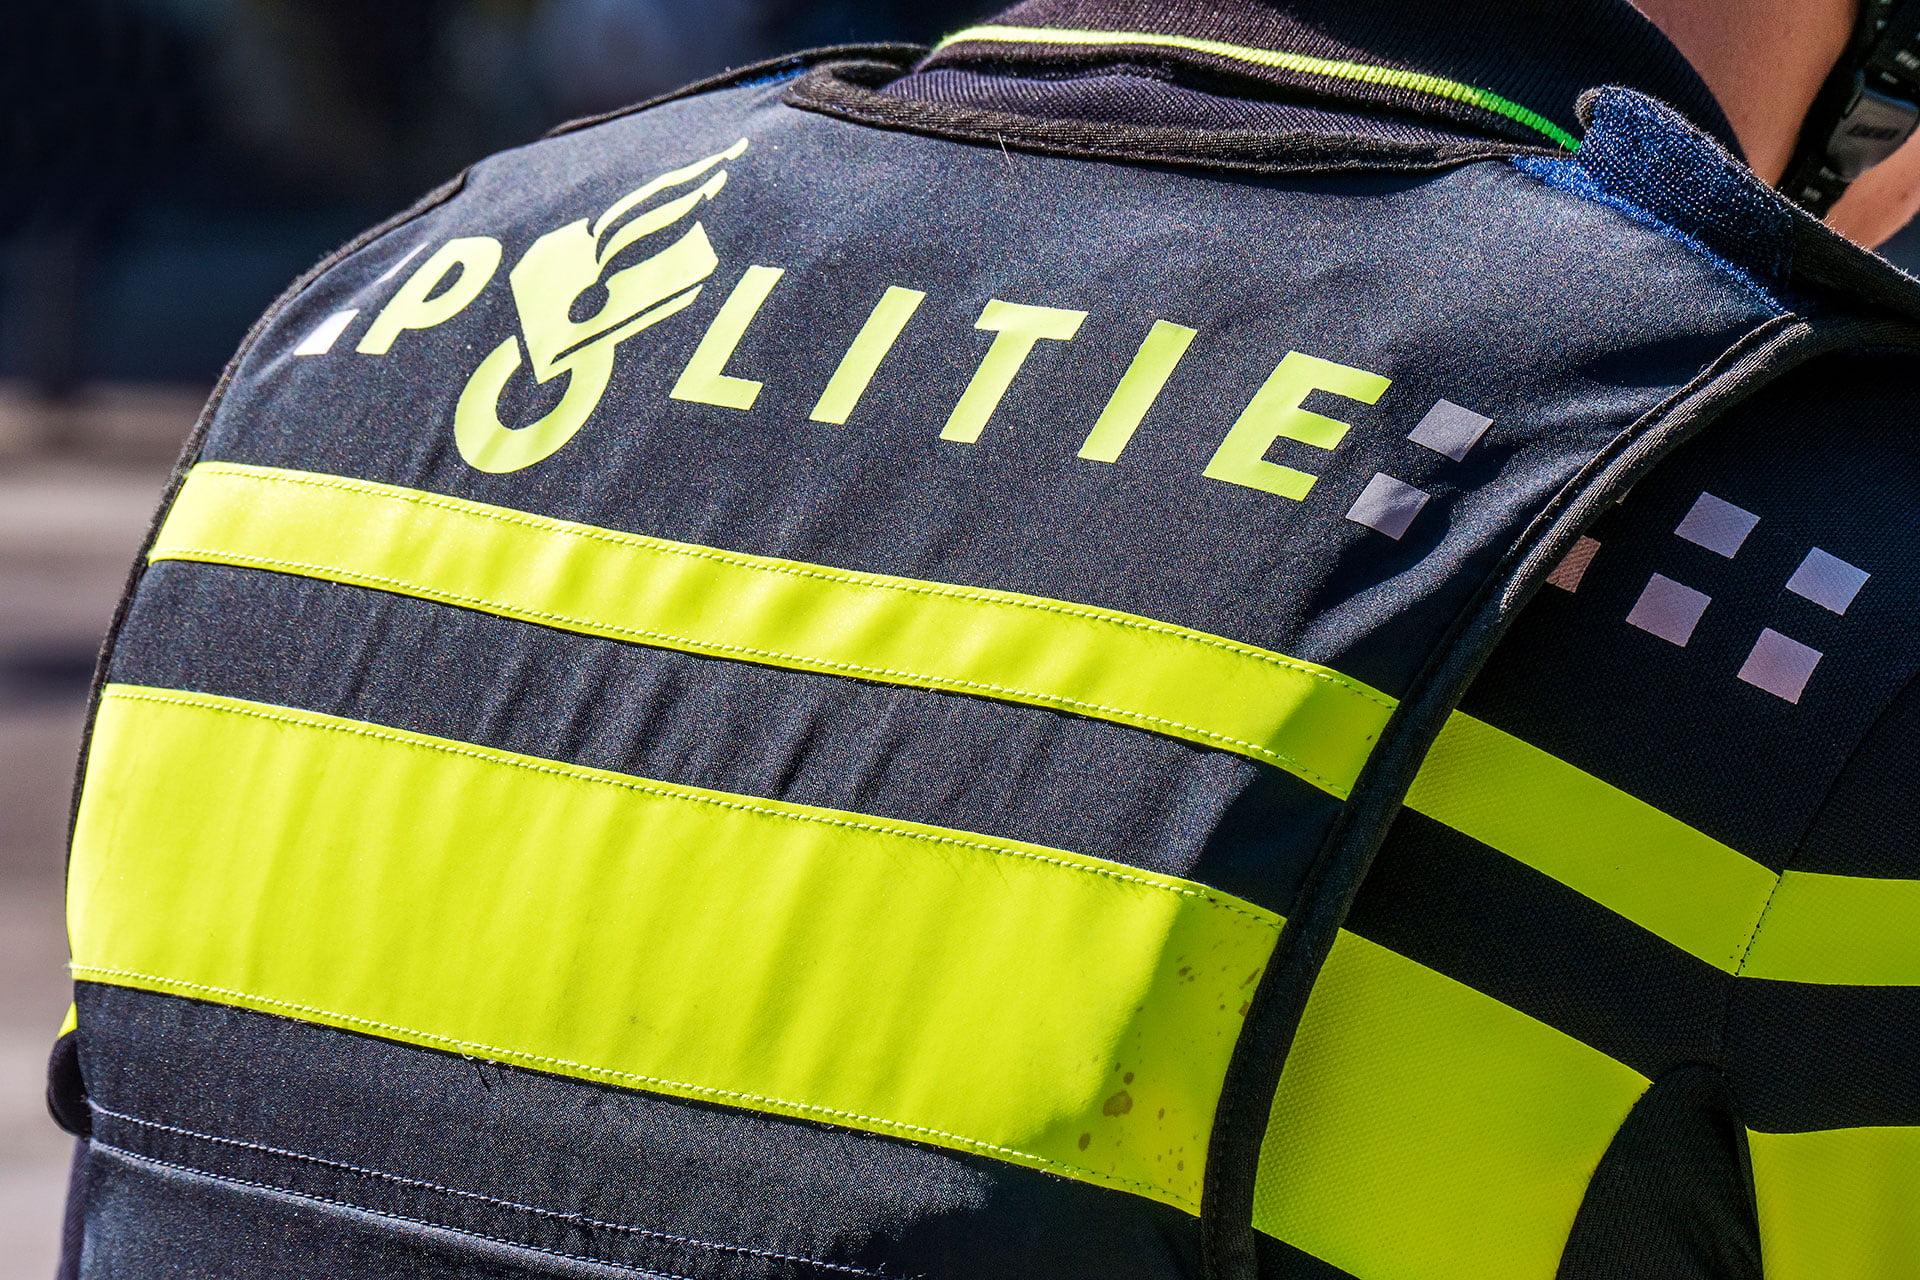 Criminele organisatie expertise - Weening Strafrechtadvocaten